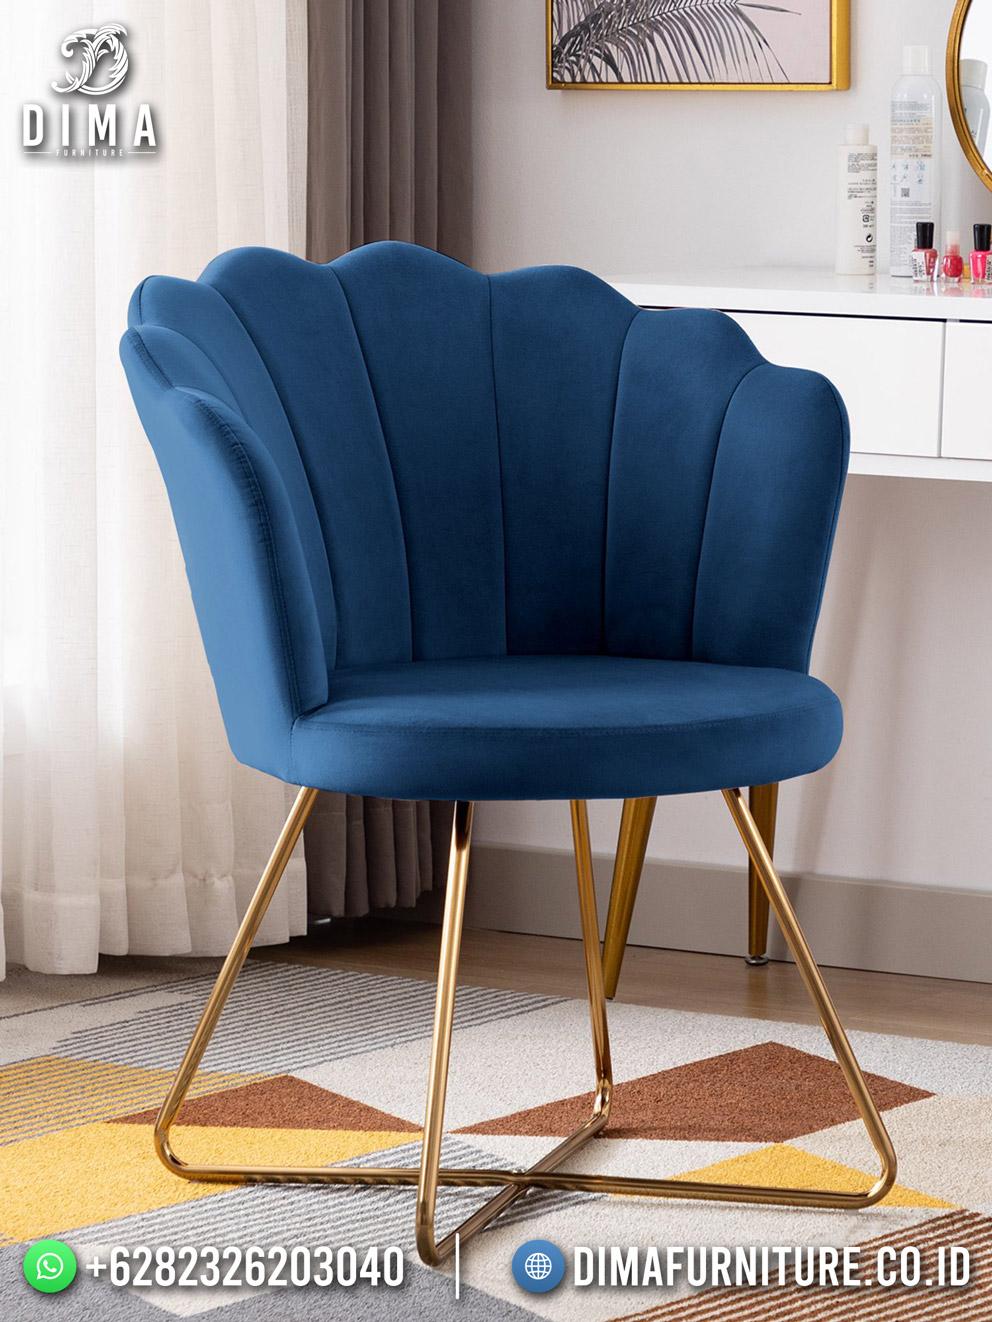 Beli Sekarang Sofa Santai Jepara Kursi Model Kerang Modern Furniture DF-1990